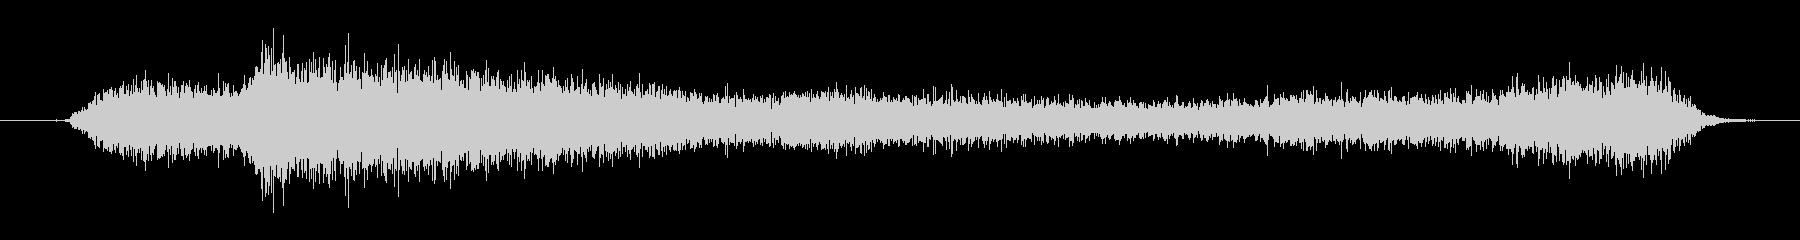 プシュー(スプレーを噴射する音)の未再生の波形